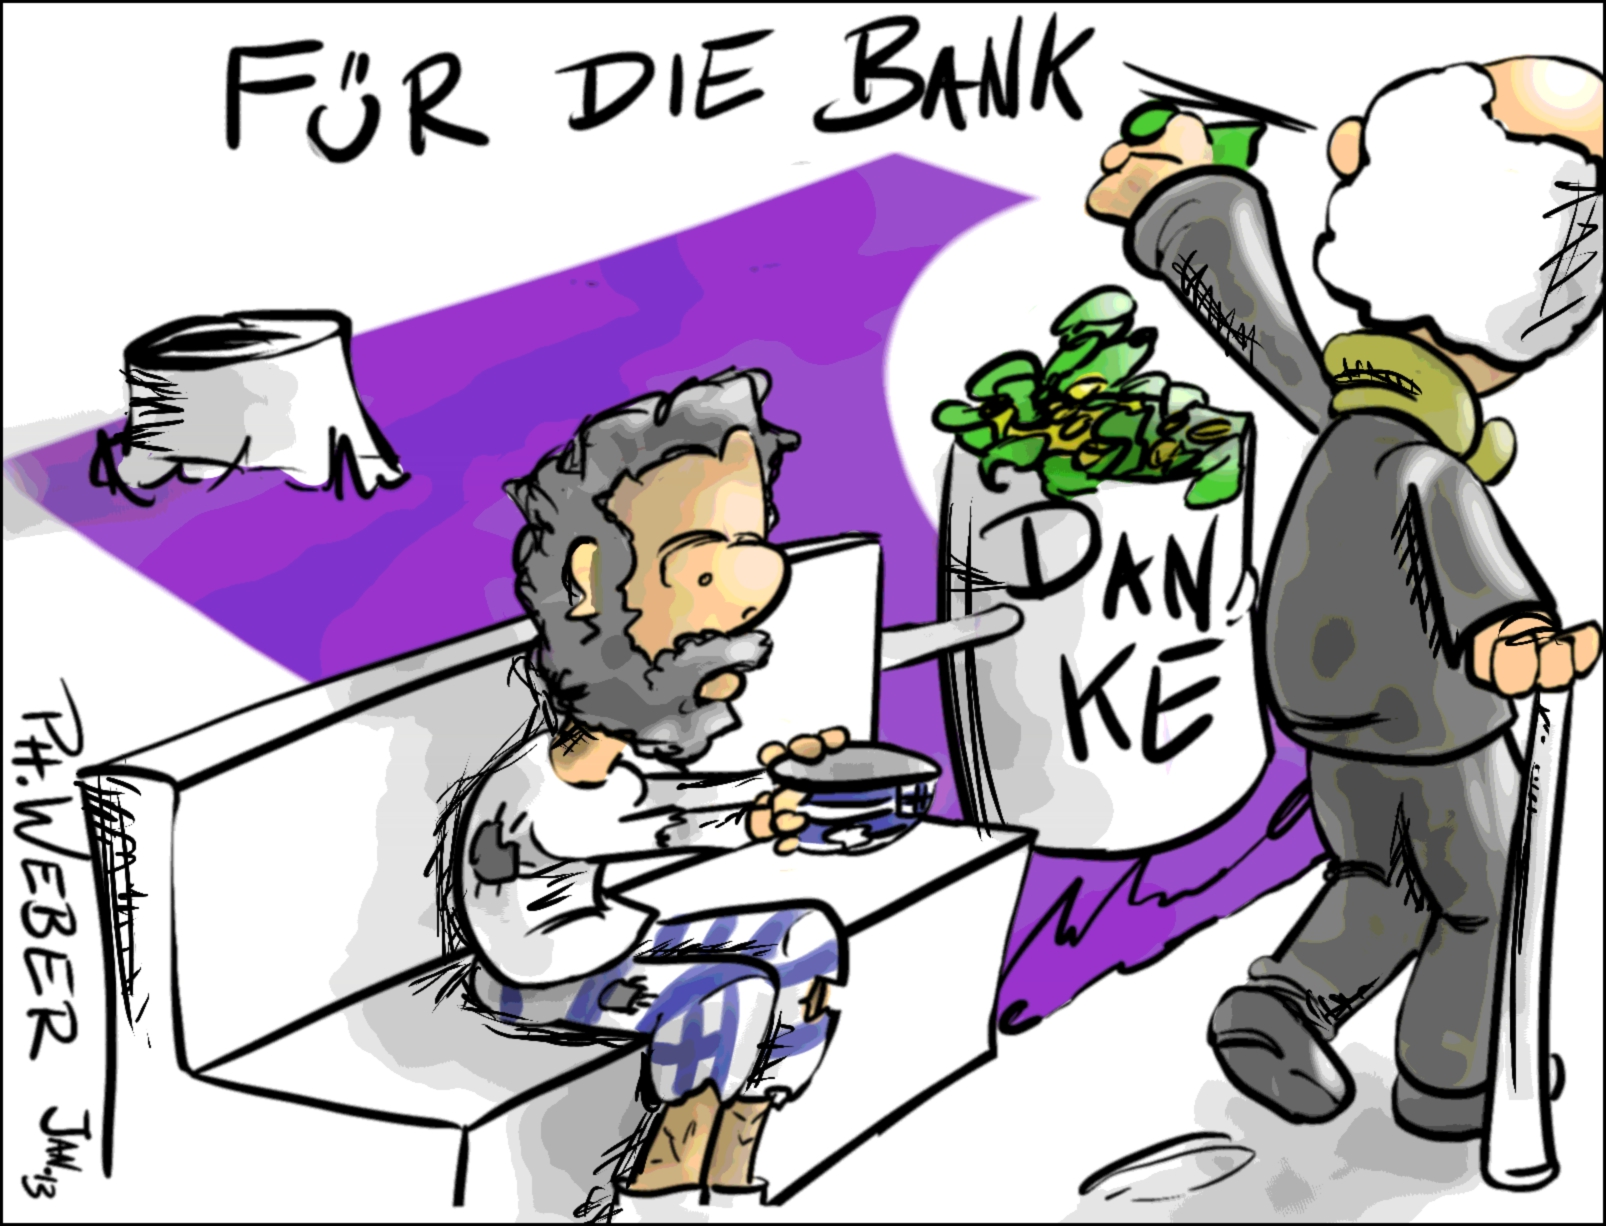 Karikatur: Jemand wirft Geld in eine Mülltonne